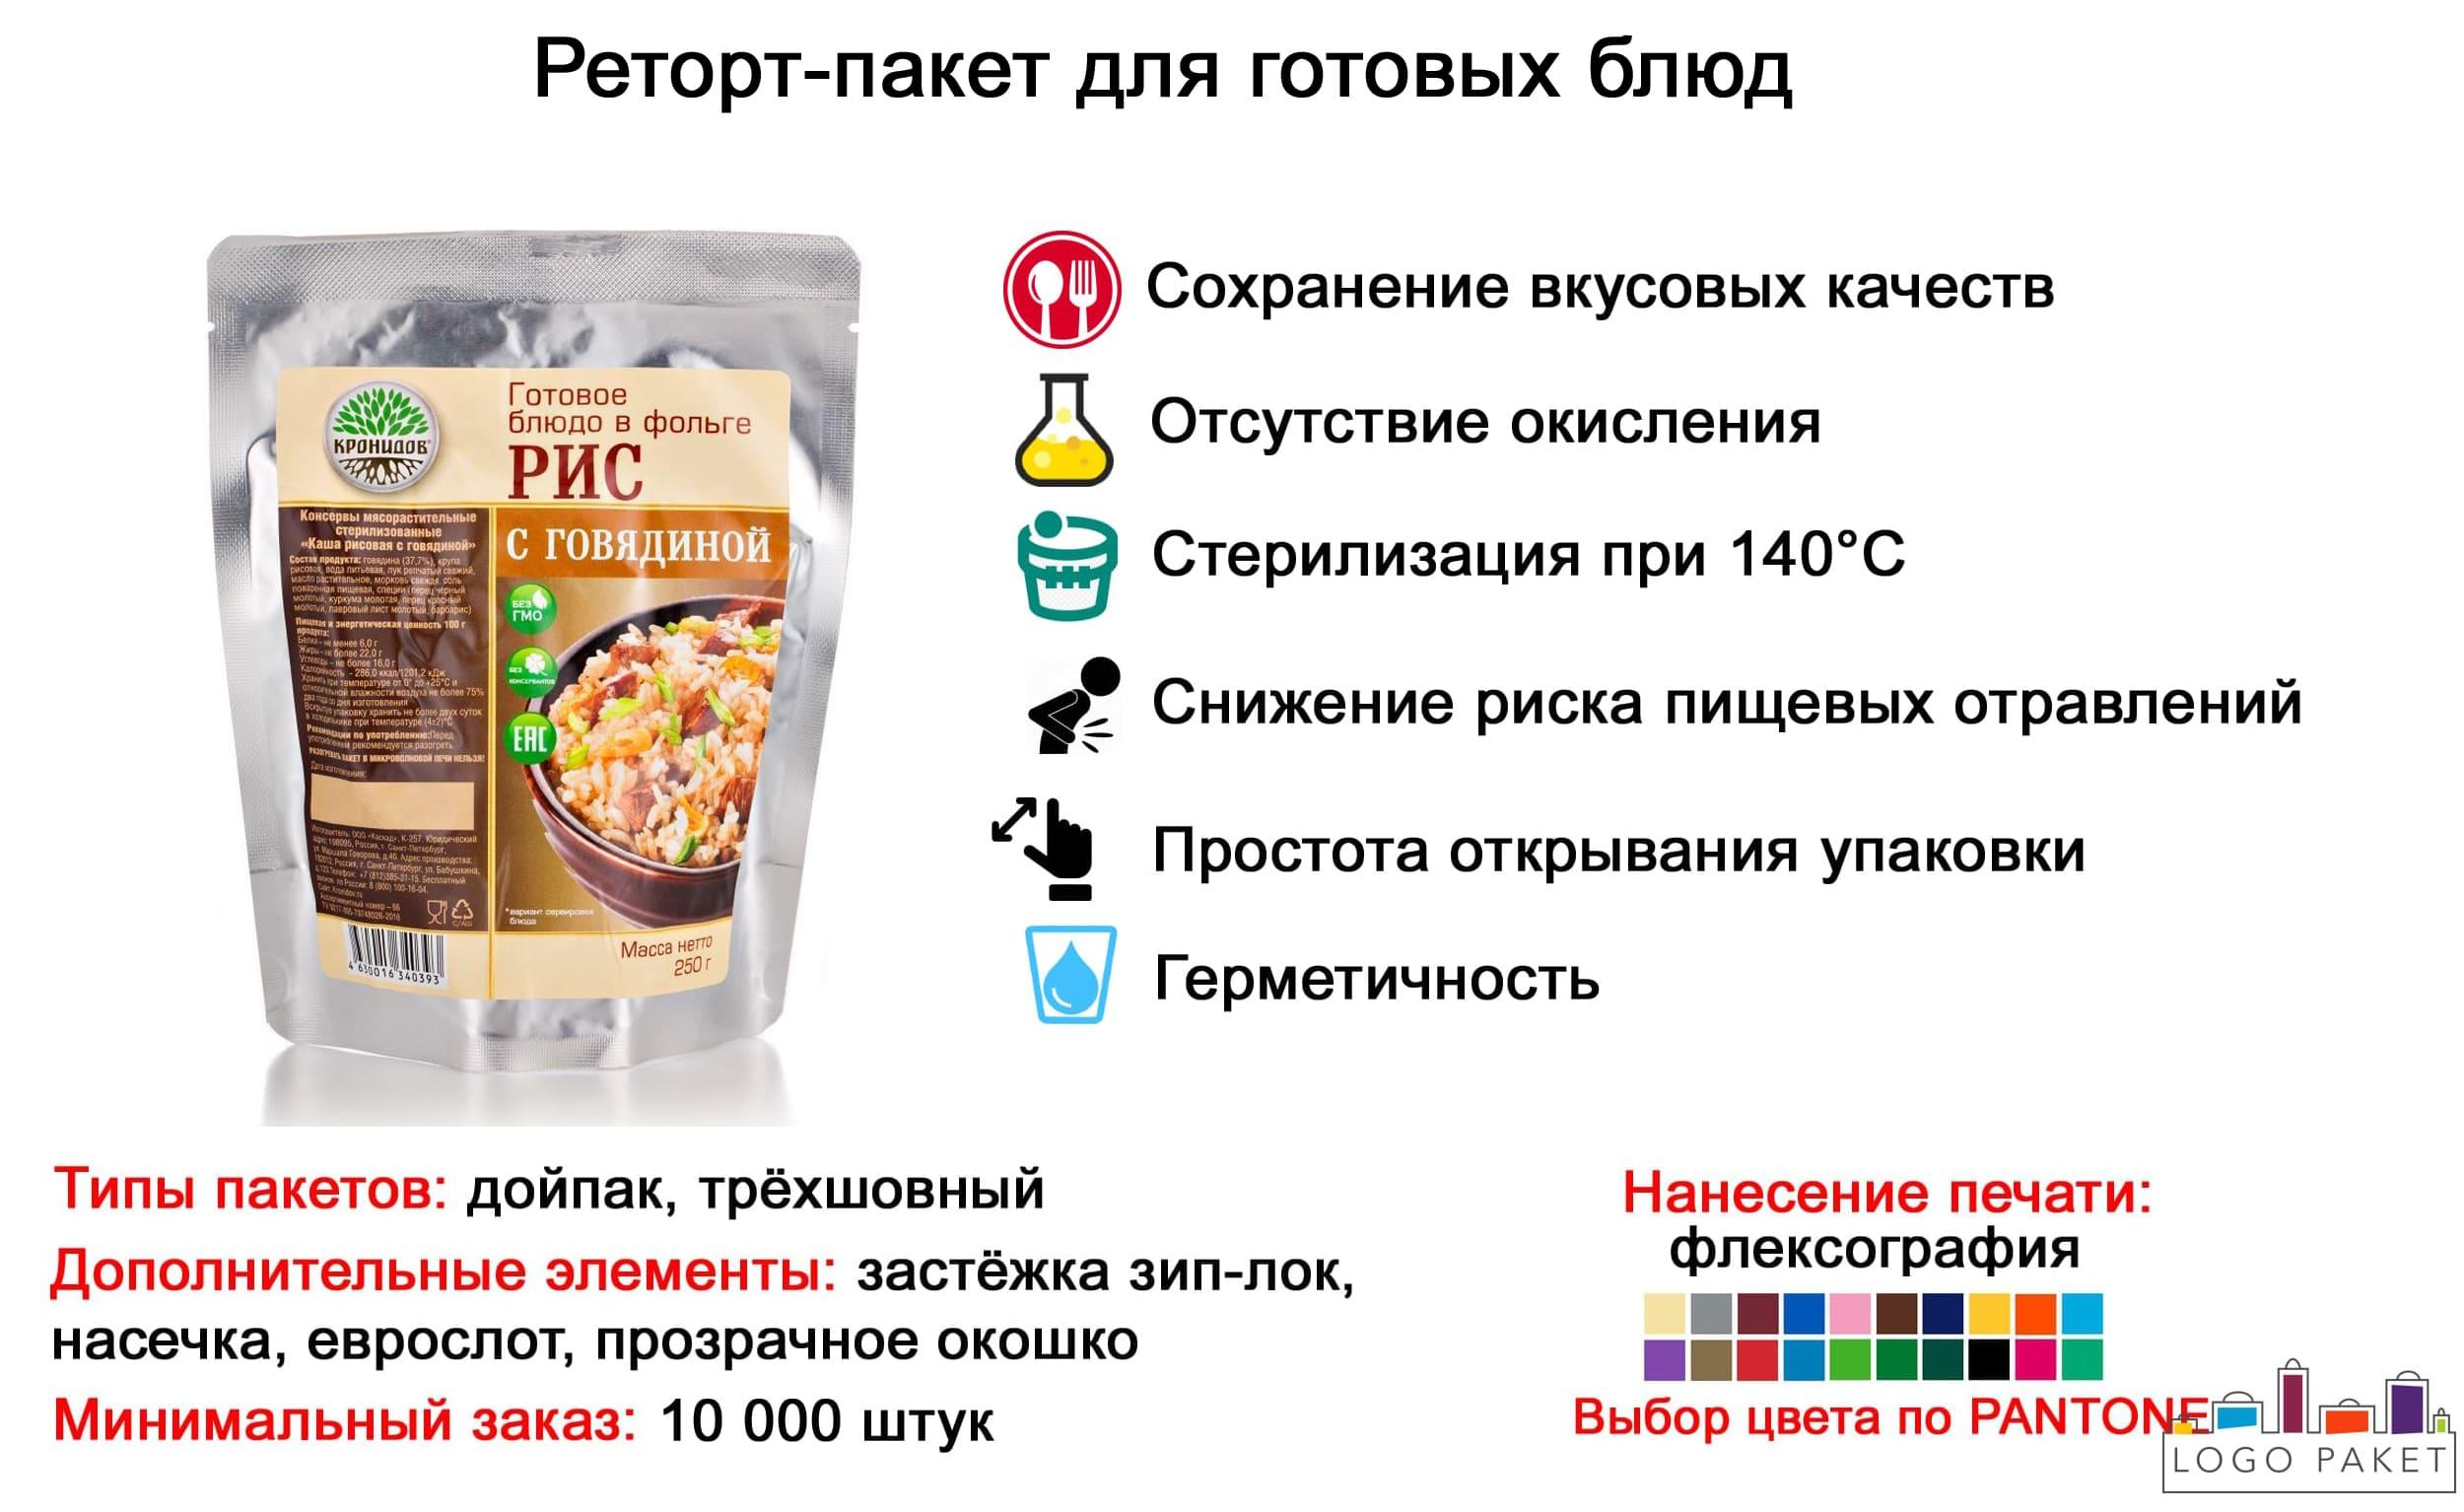 Реторт пакет для гоовых блюд инфографика